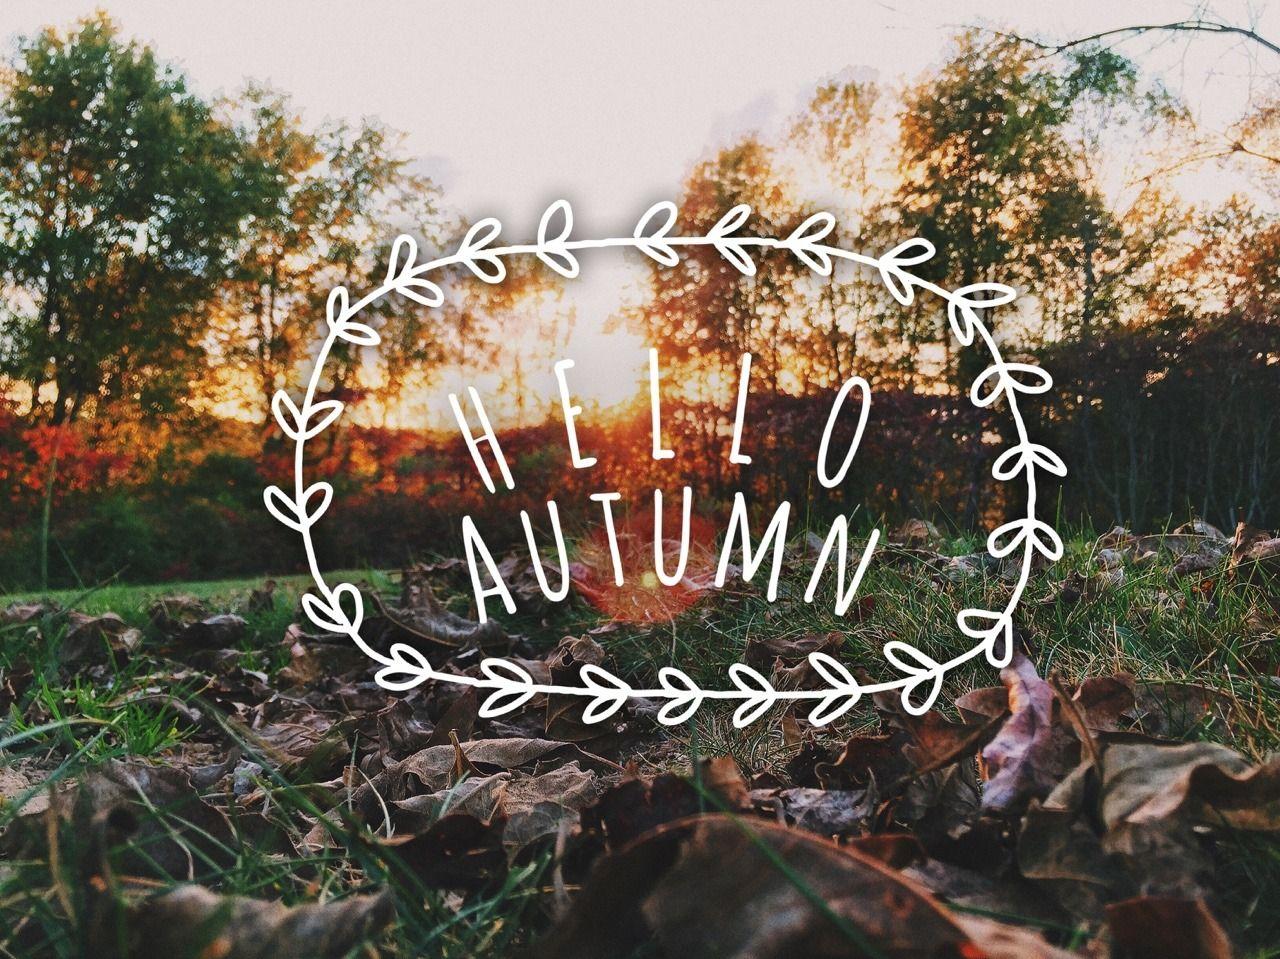 Картинки днем, картинки осень с надписями на английском